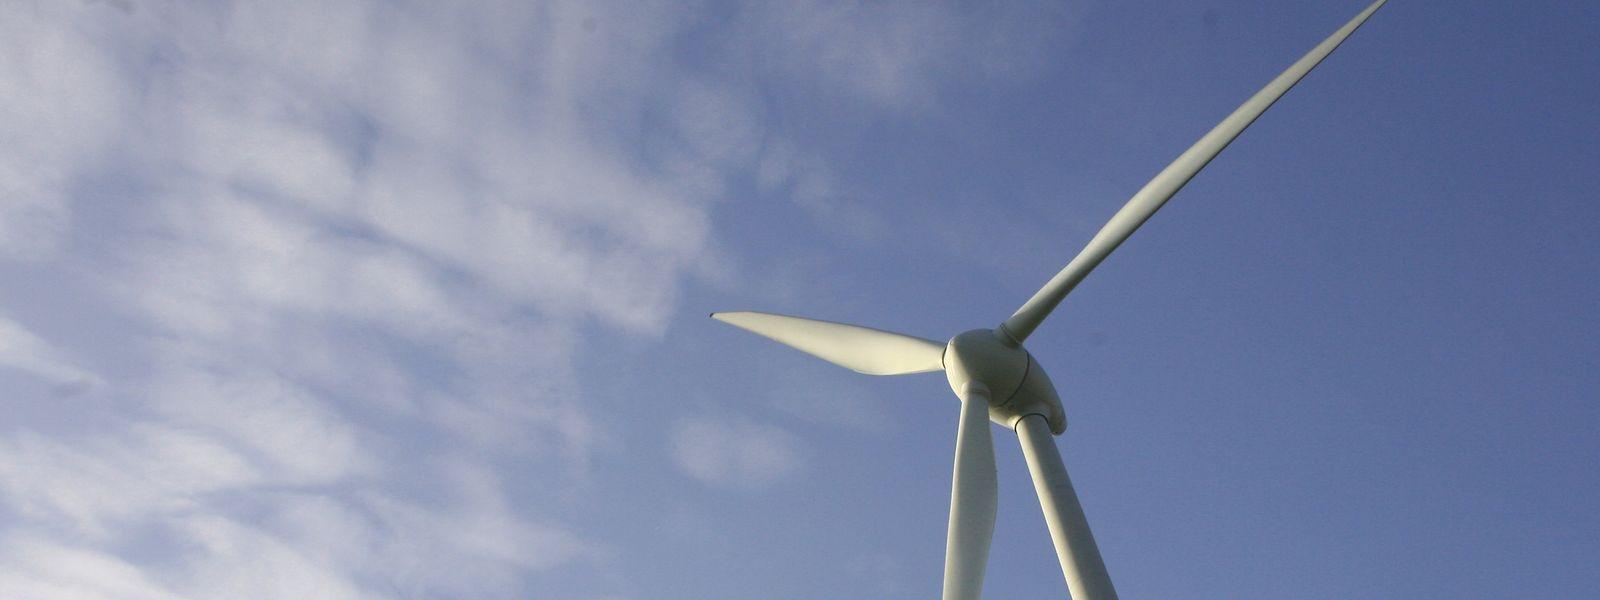 Zu Ökoenergiequellen gehört auch Ökostrom, der durch Windrädererzeugt wird.